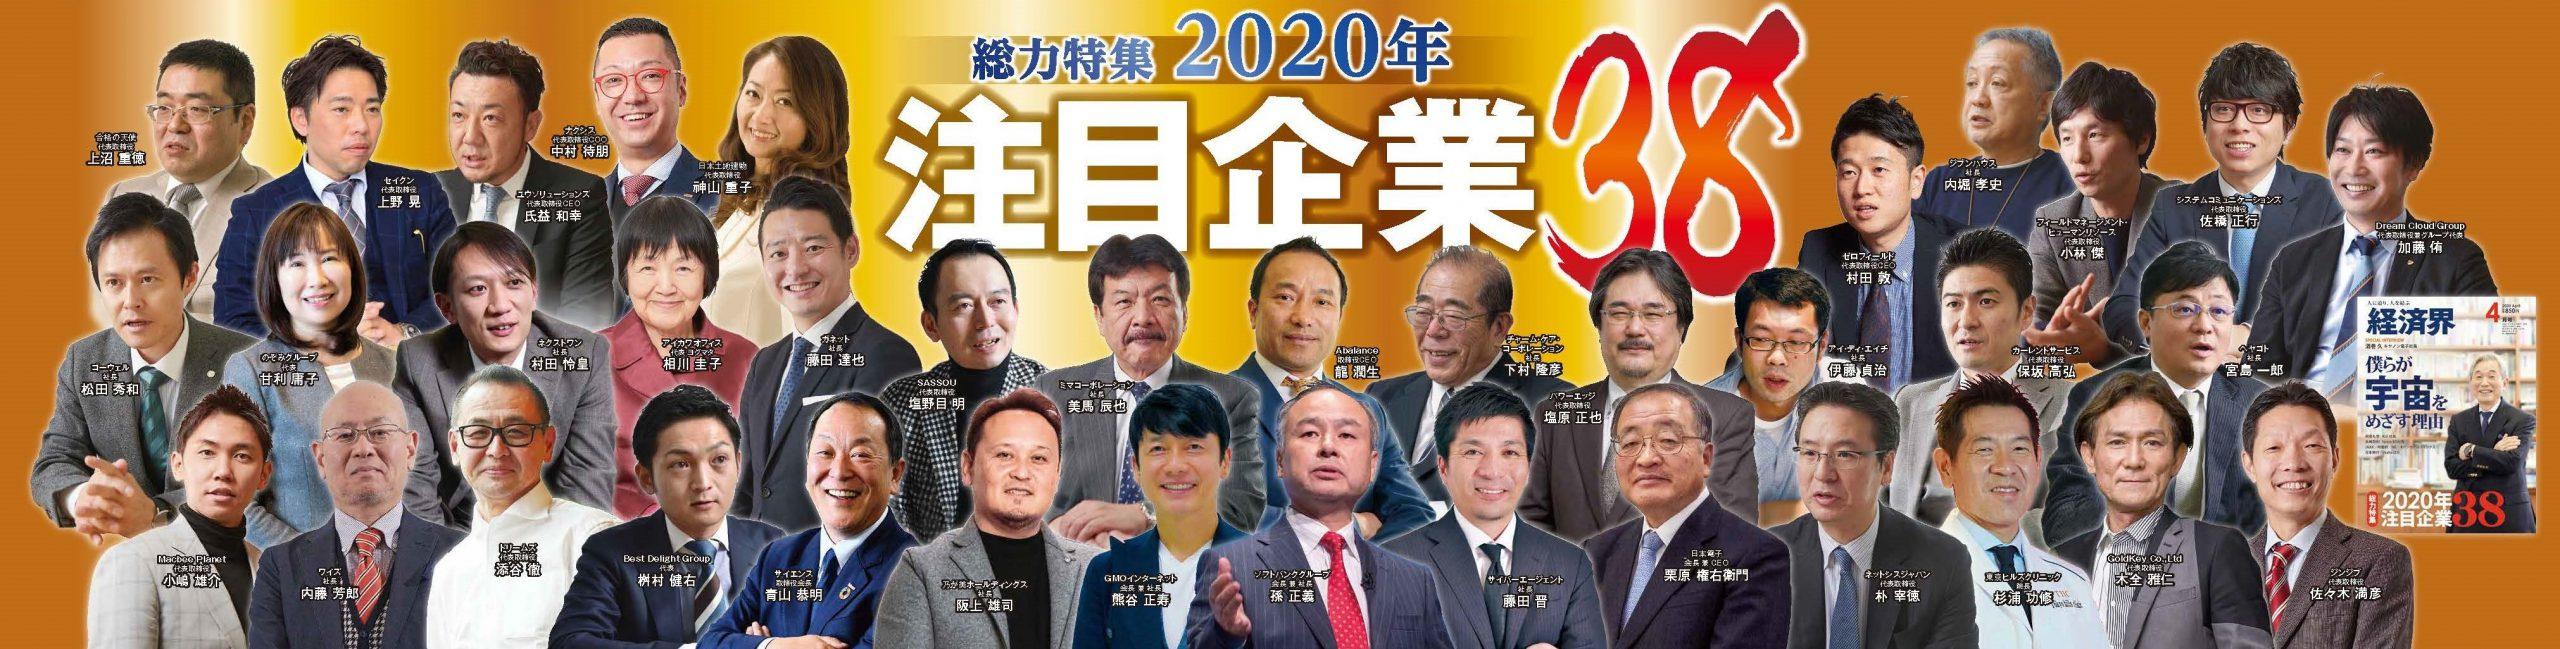 2020年注目企業38_ゴーウェル松田秀和